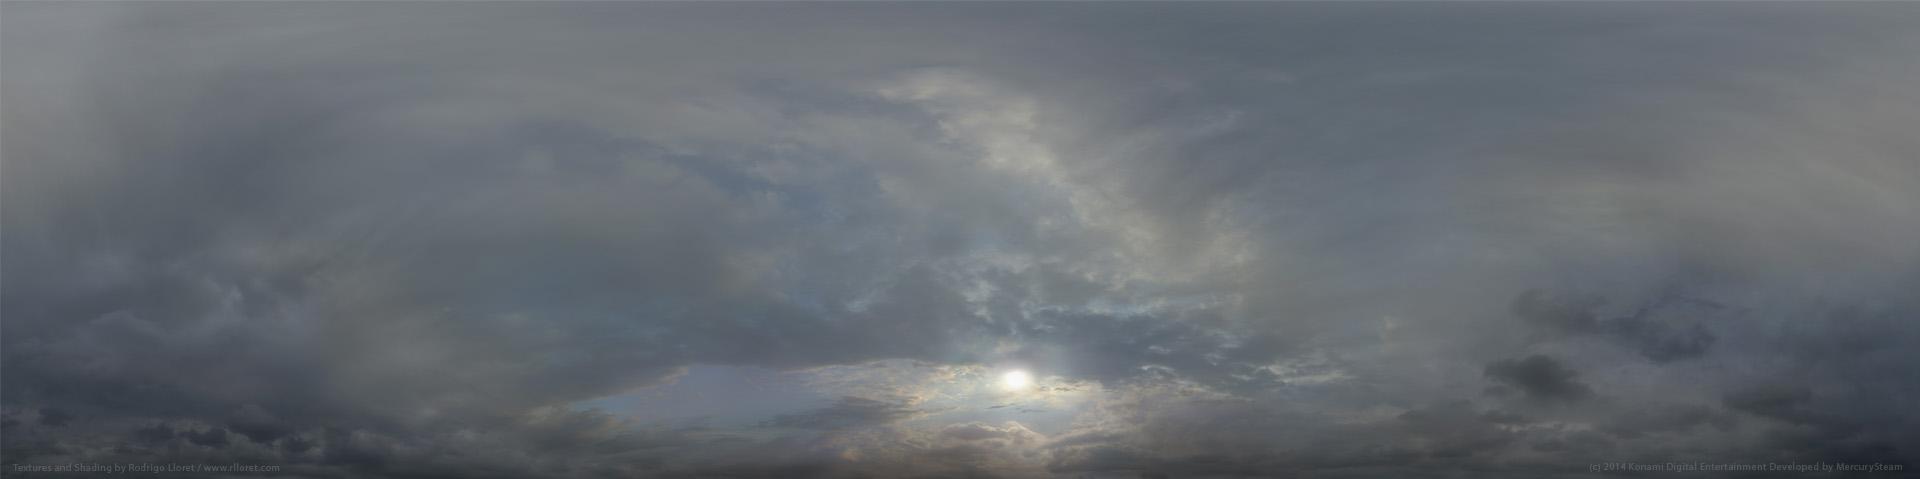 skies2.jpg